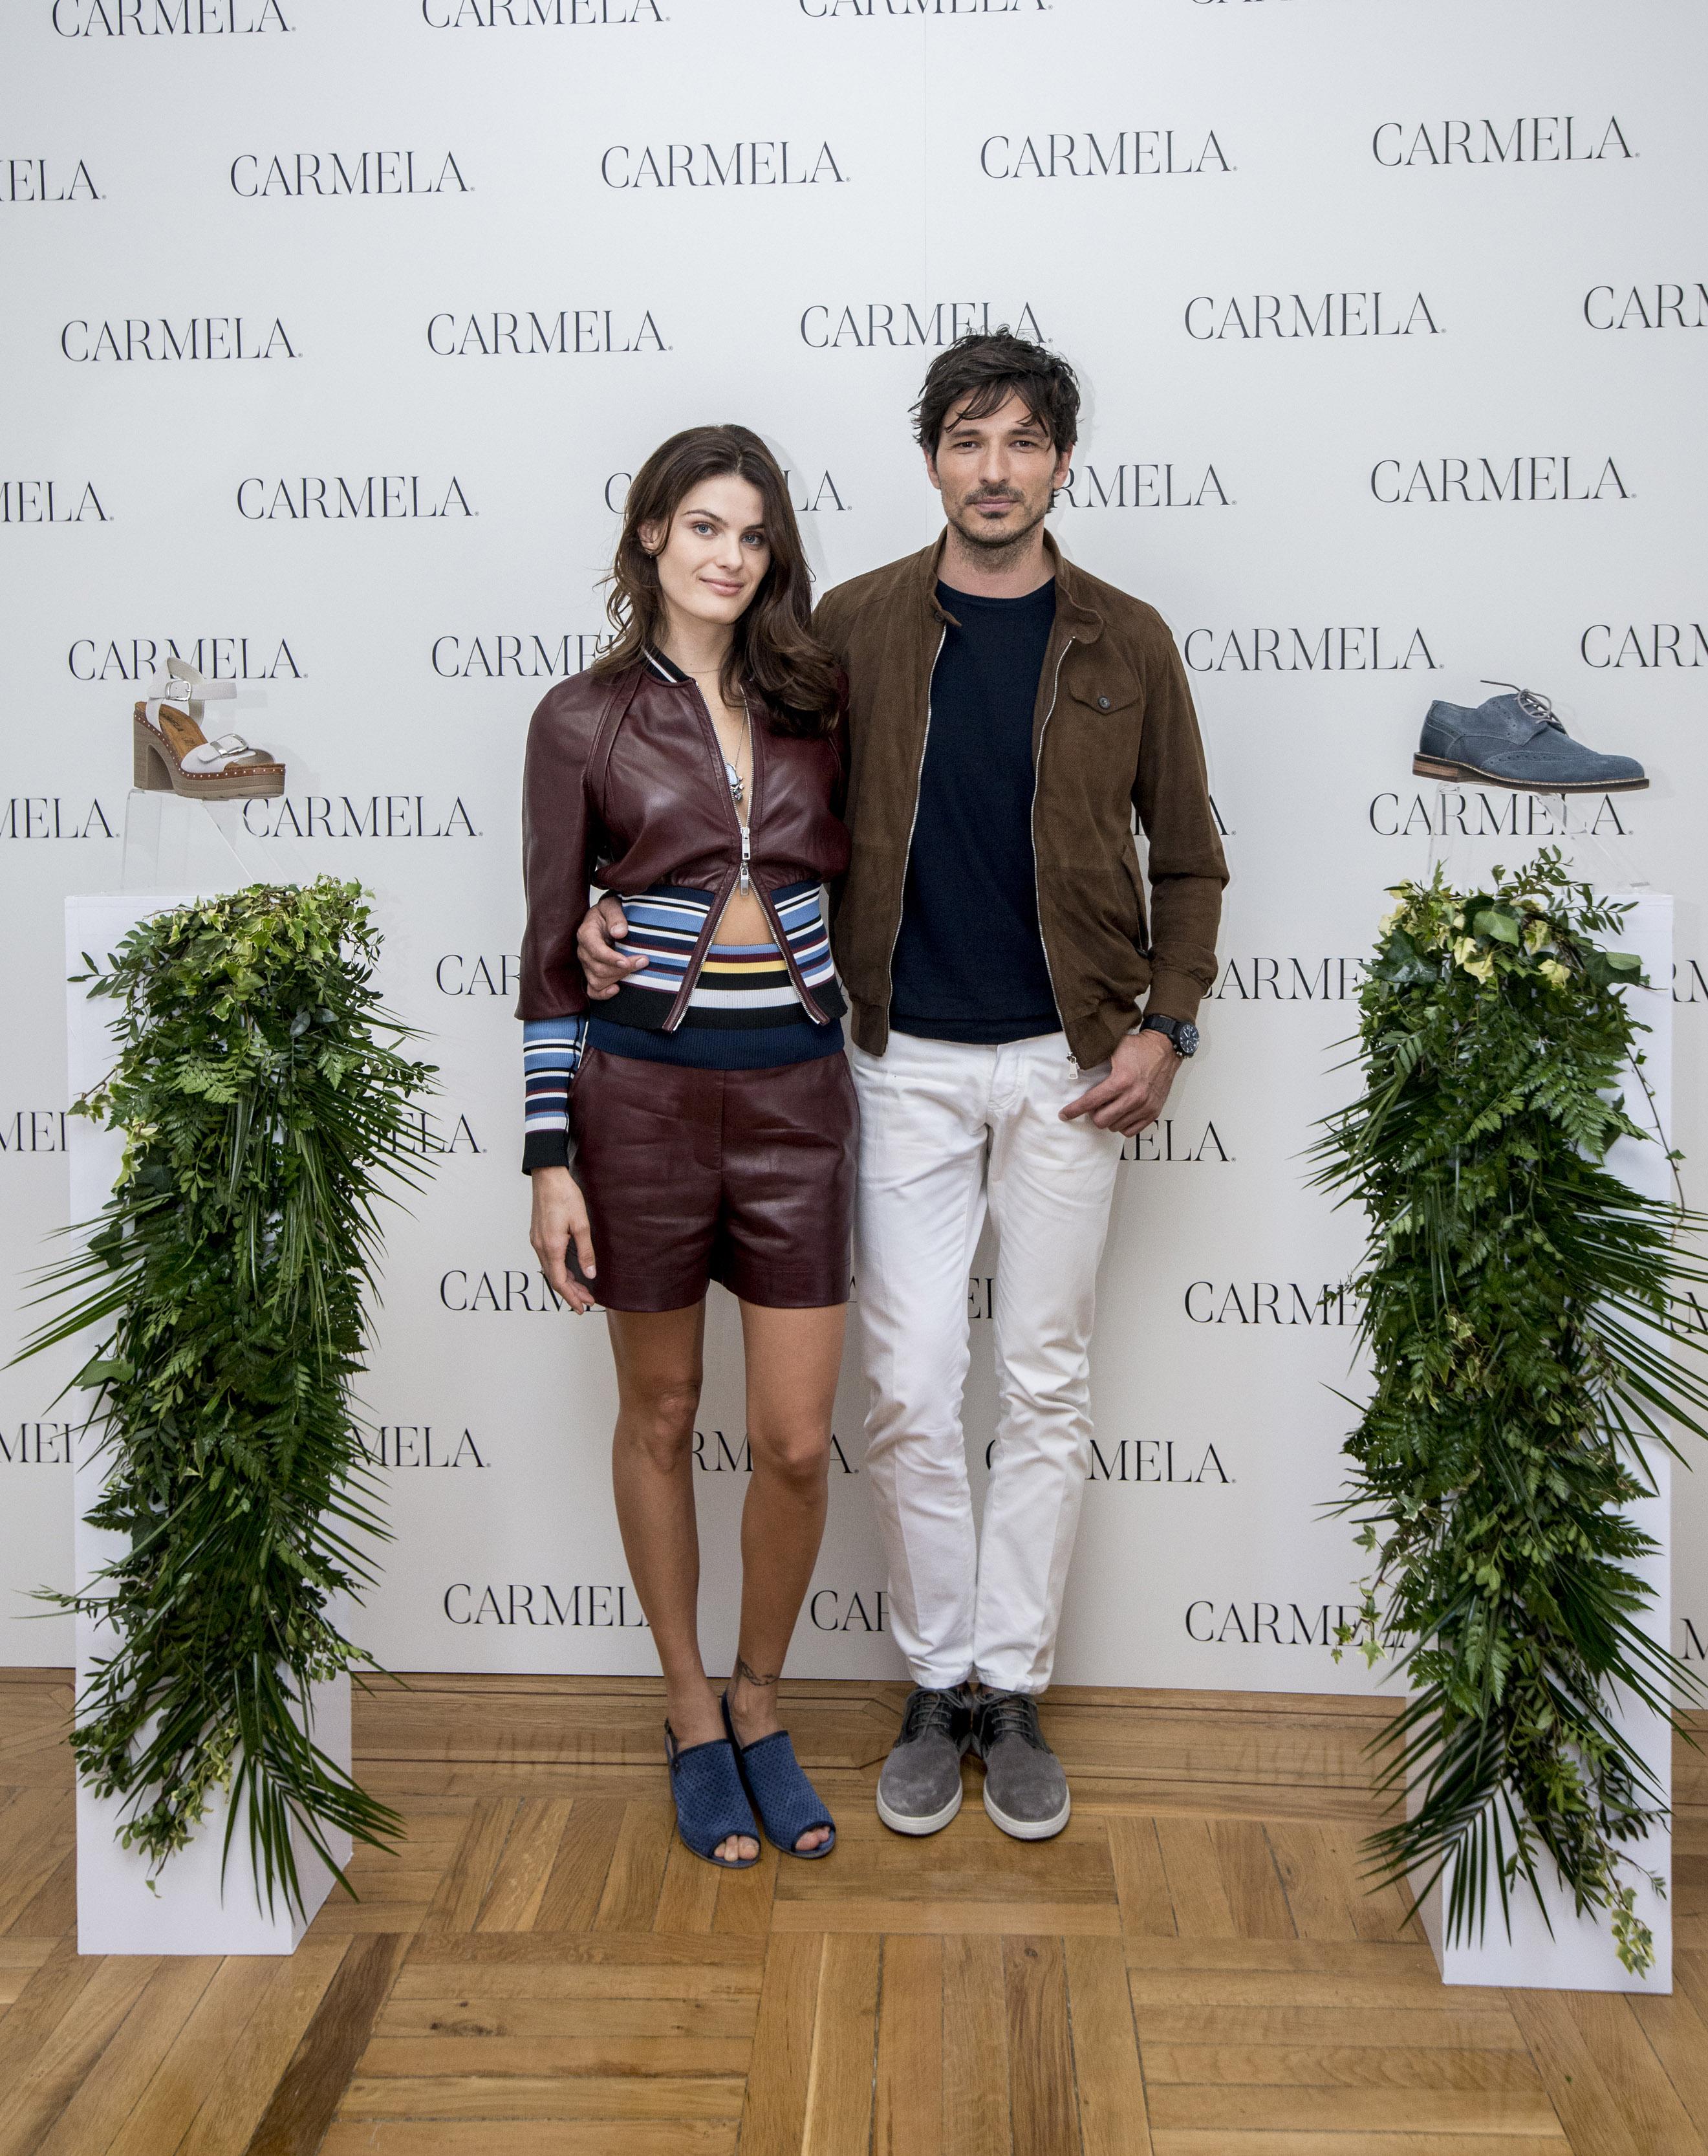 Isabeli Fontana y Andrés Velencoso presentan la campaña de SS18 de la firma de calzado Carmela